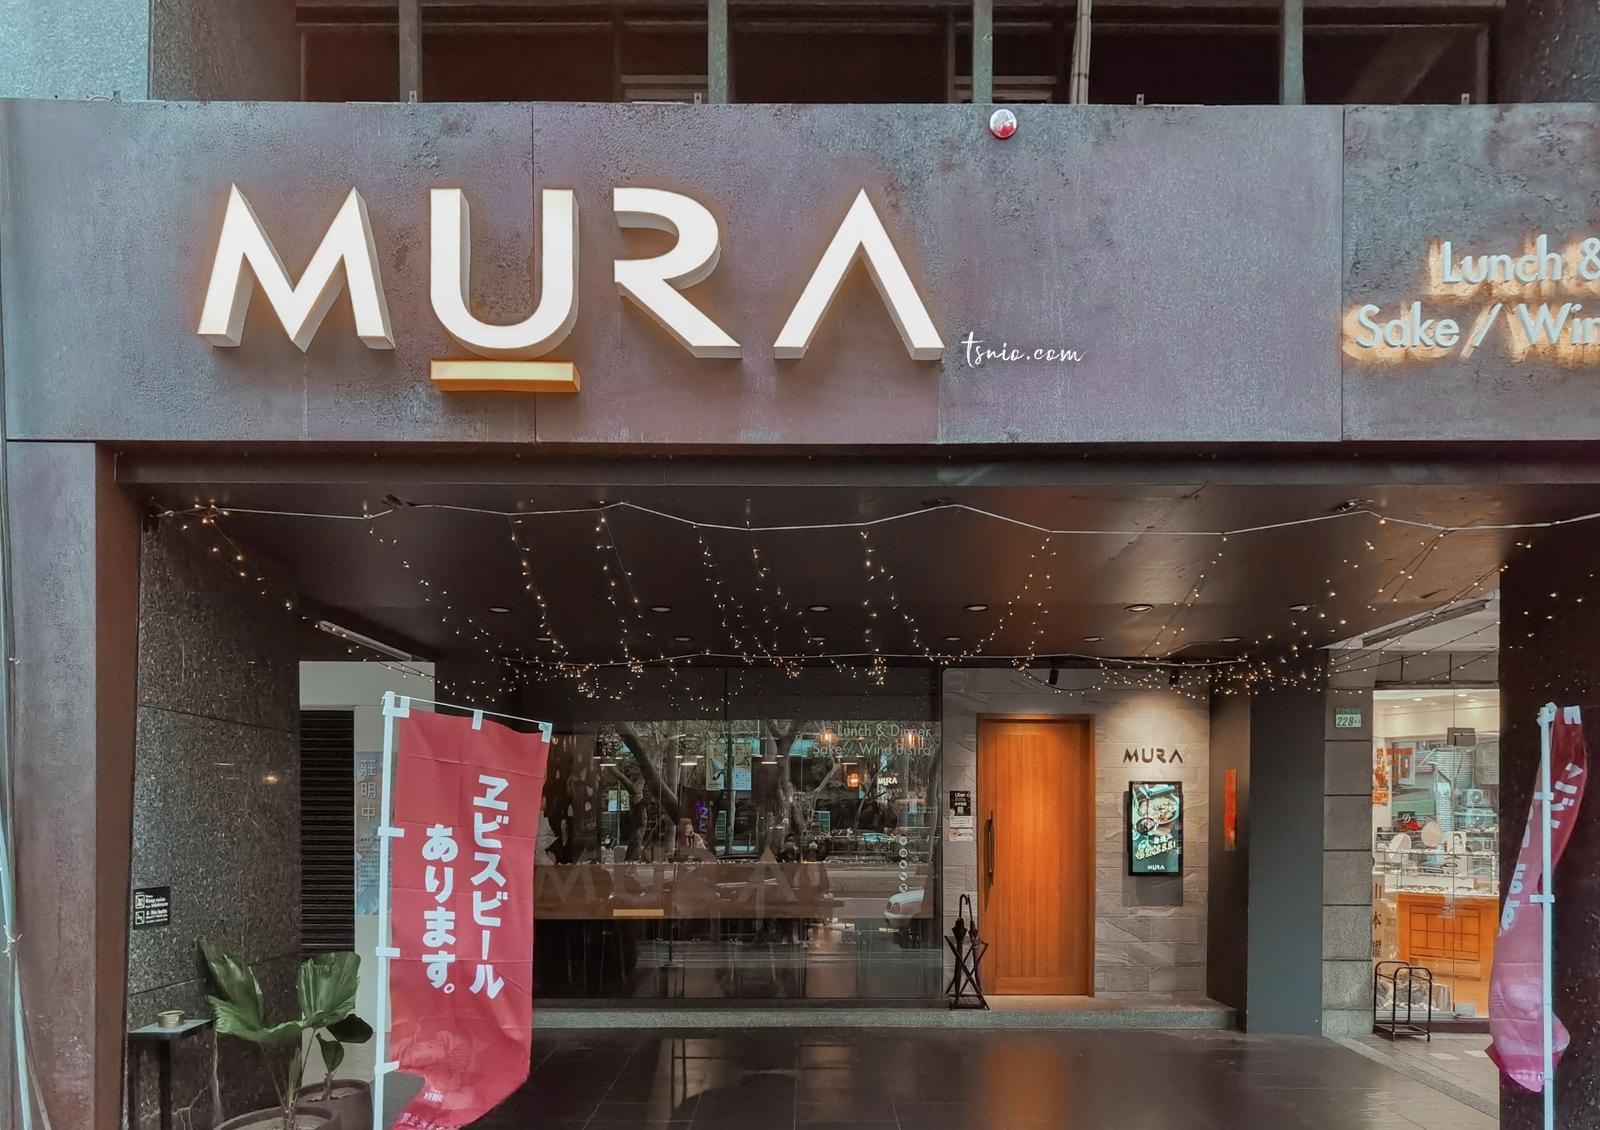 台北餐酒館 MURA Lunch & Dinner 大口暢飲享受海鮮料理 最自在的放鬆時刻